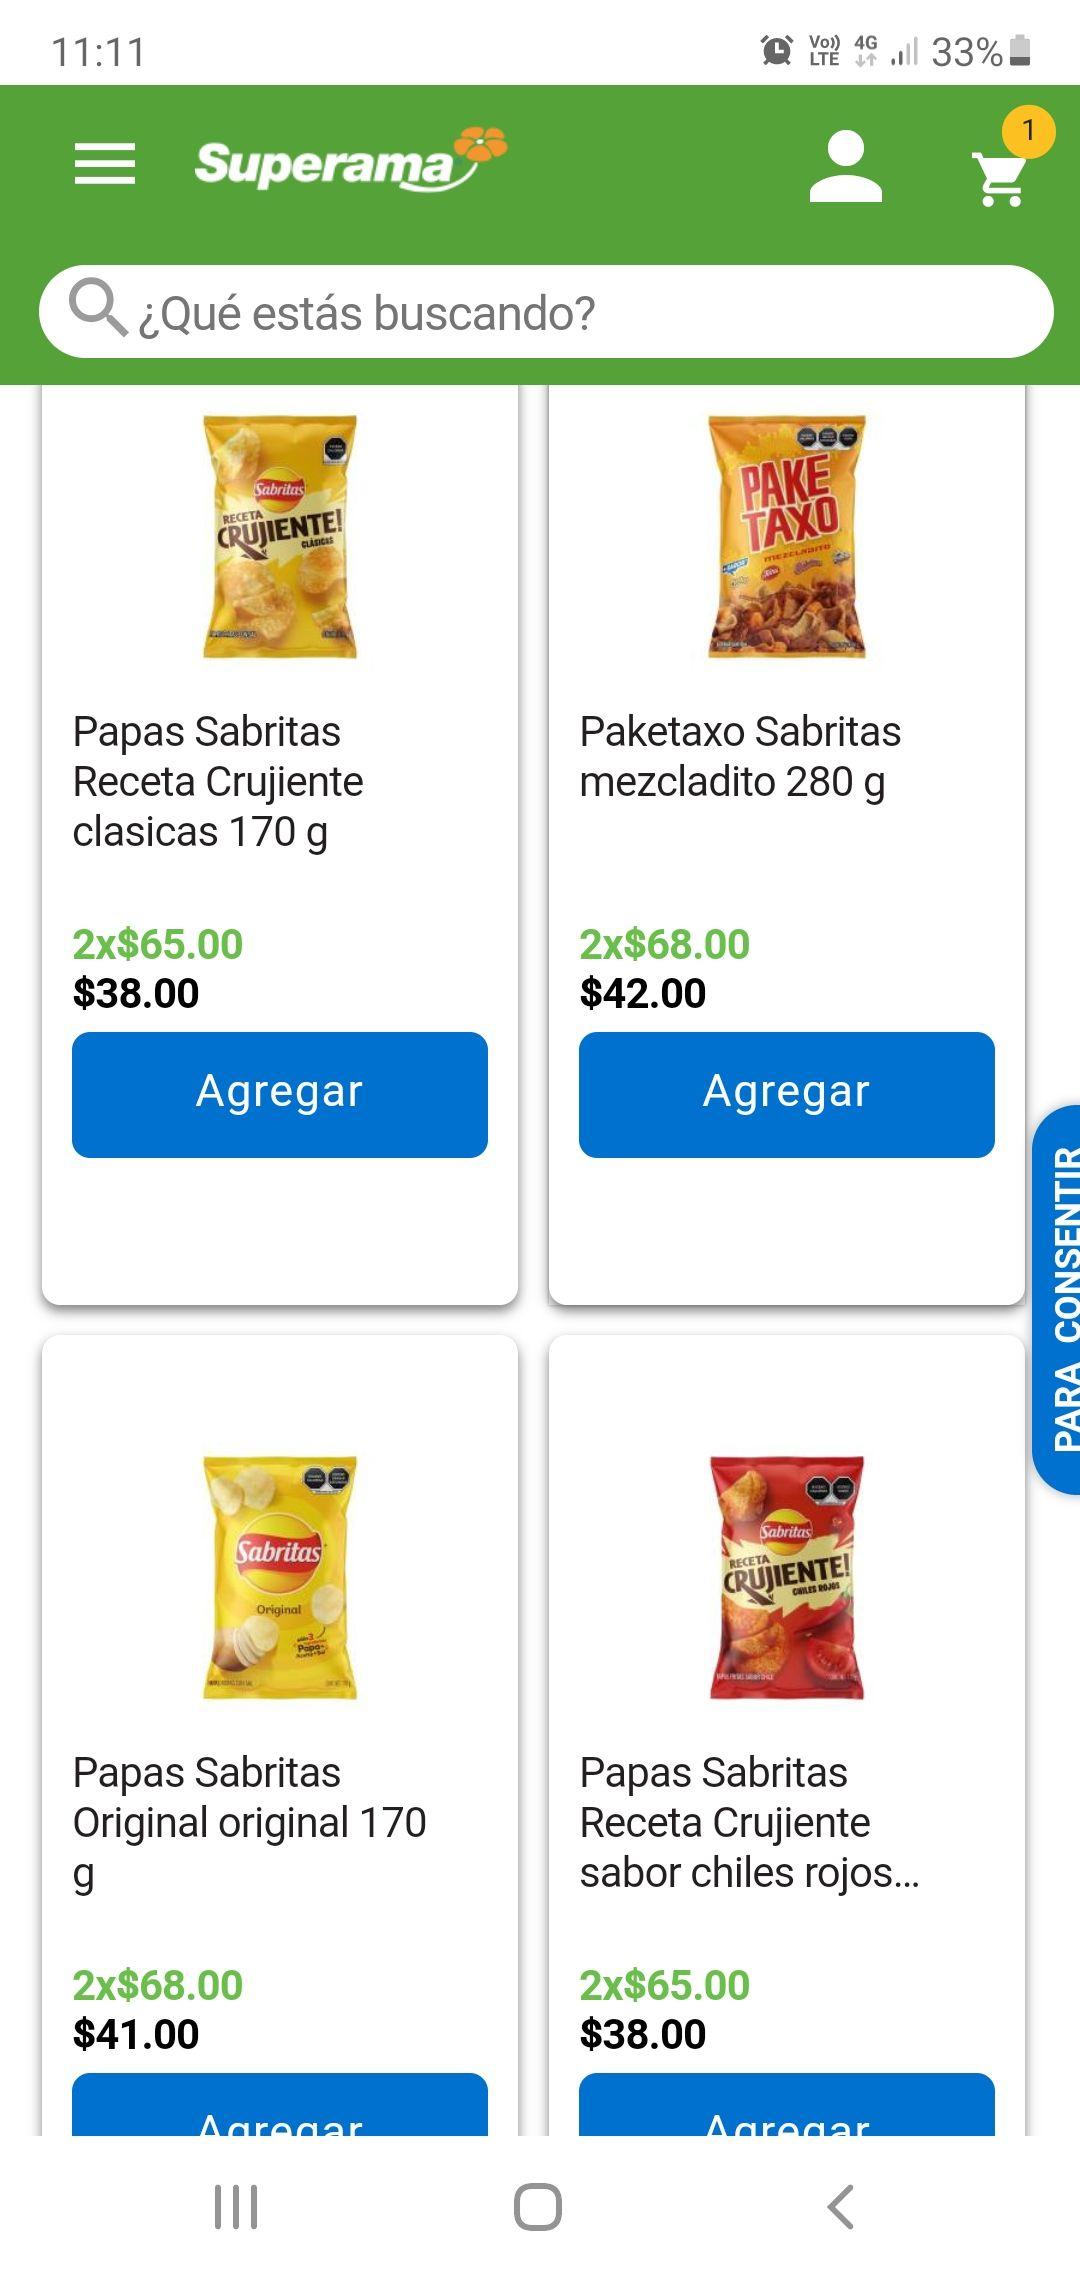 WALMART Y SUPERAMA 2 PACK DE LA MARCA SABRITAS EN $ 68 TIENDA FÍSICA Y EN LINEA